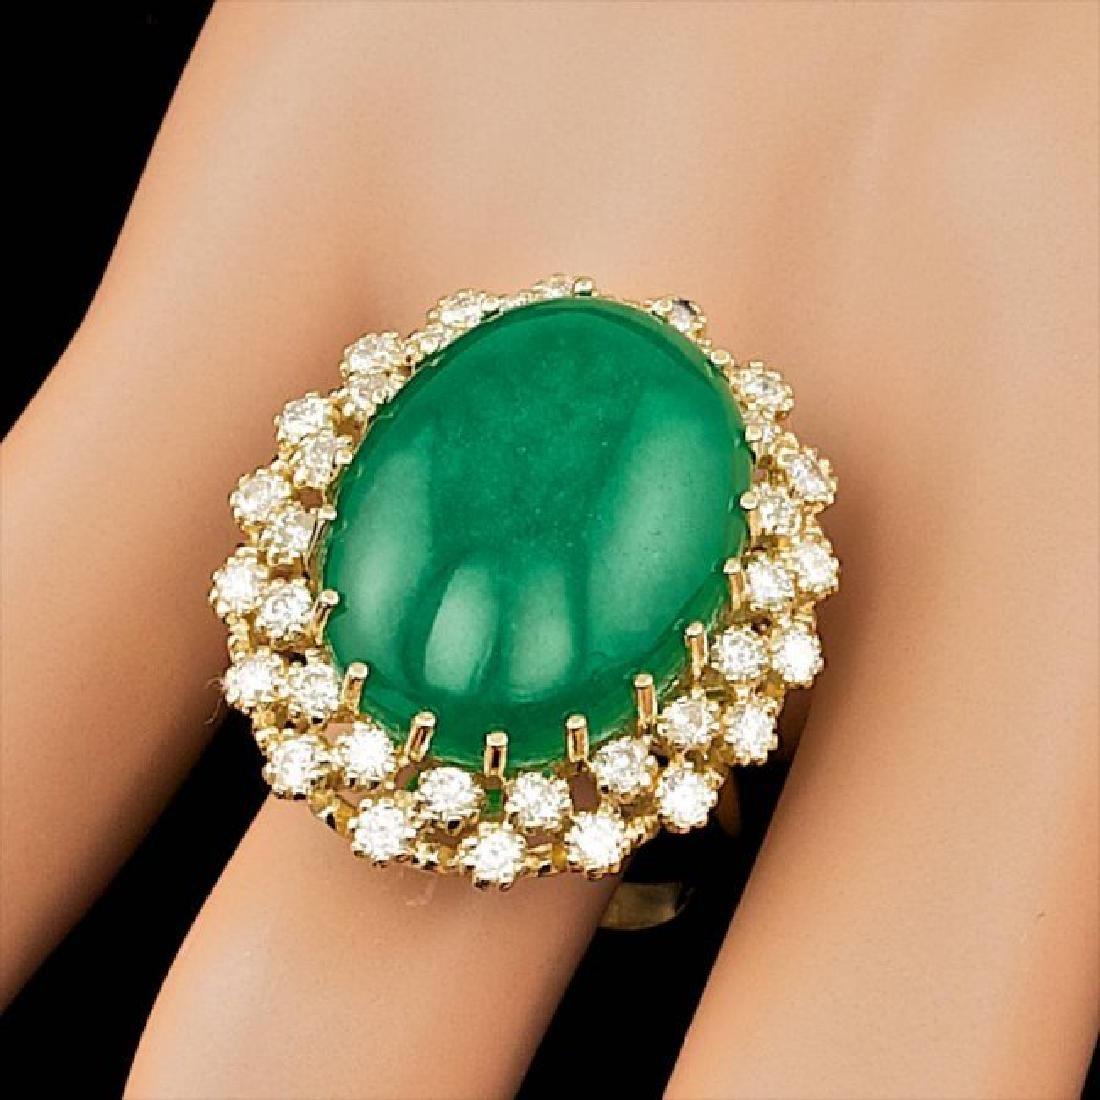 14k Yellow Gold 13.50ct Jade 1.30ct Diamond Ring - 4